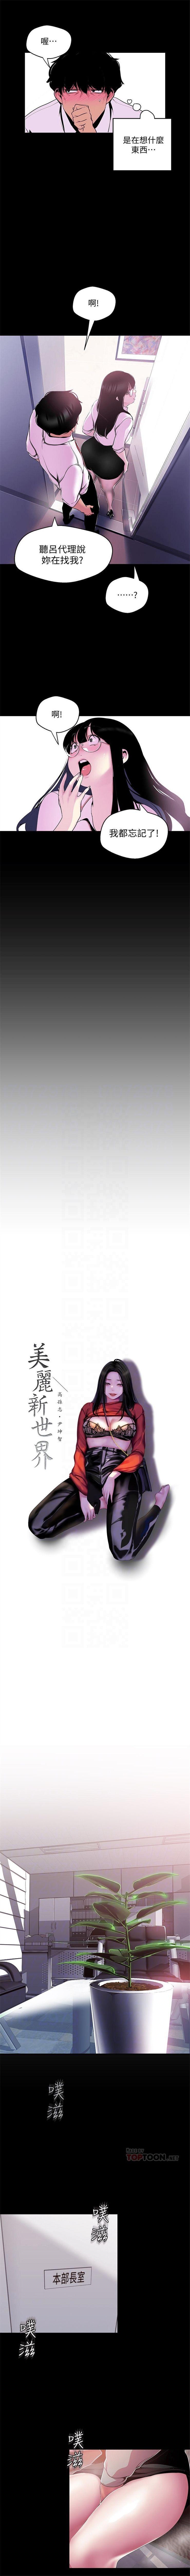 (週1)美麗新世界 1-76 中文翻譯 (更新中) 436